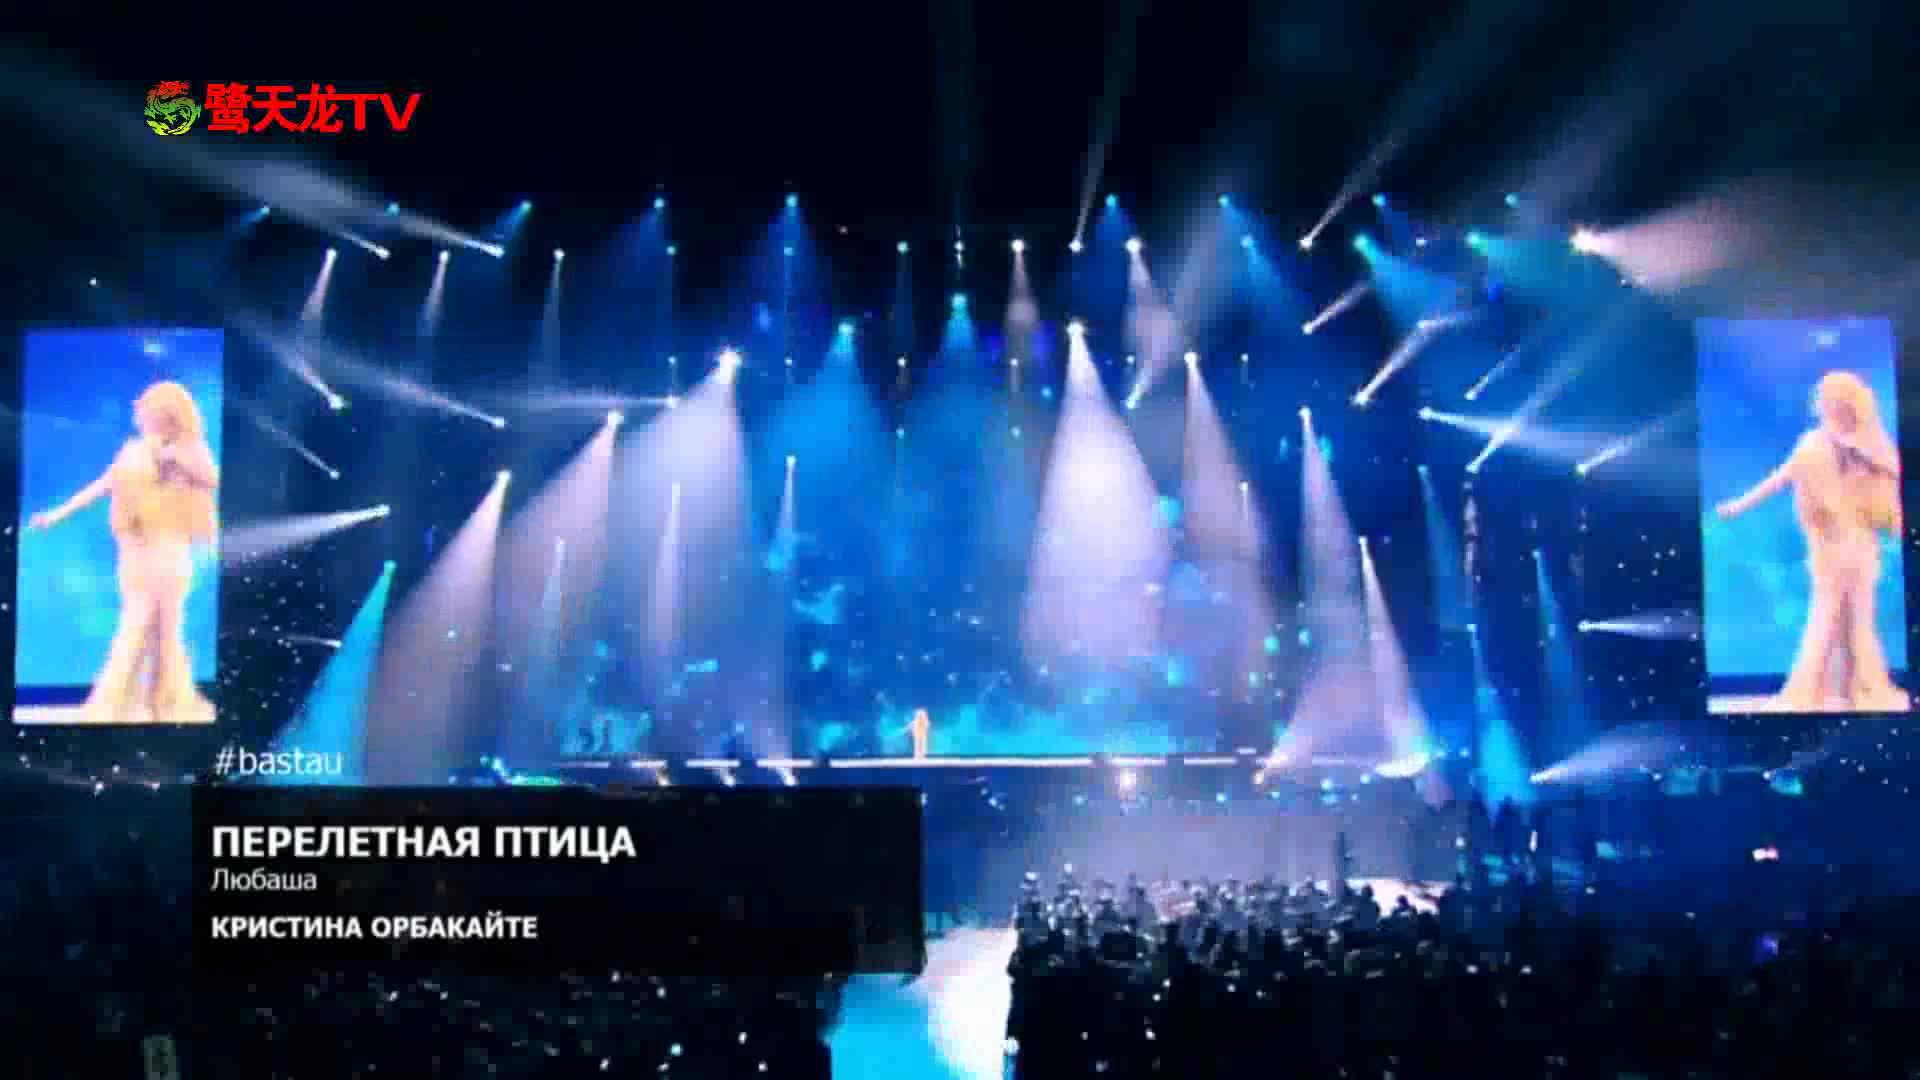 2017迪玛希bastau演唱会克里斯蒂娜《候鸟》